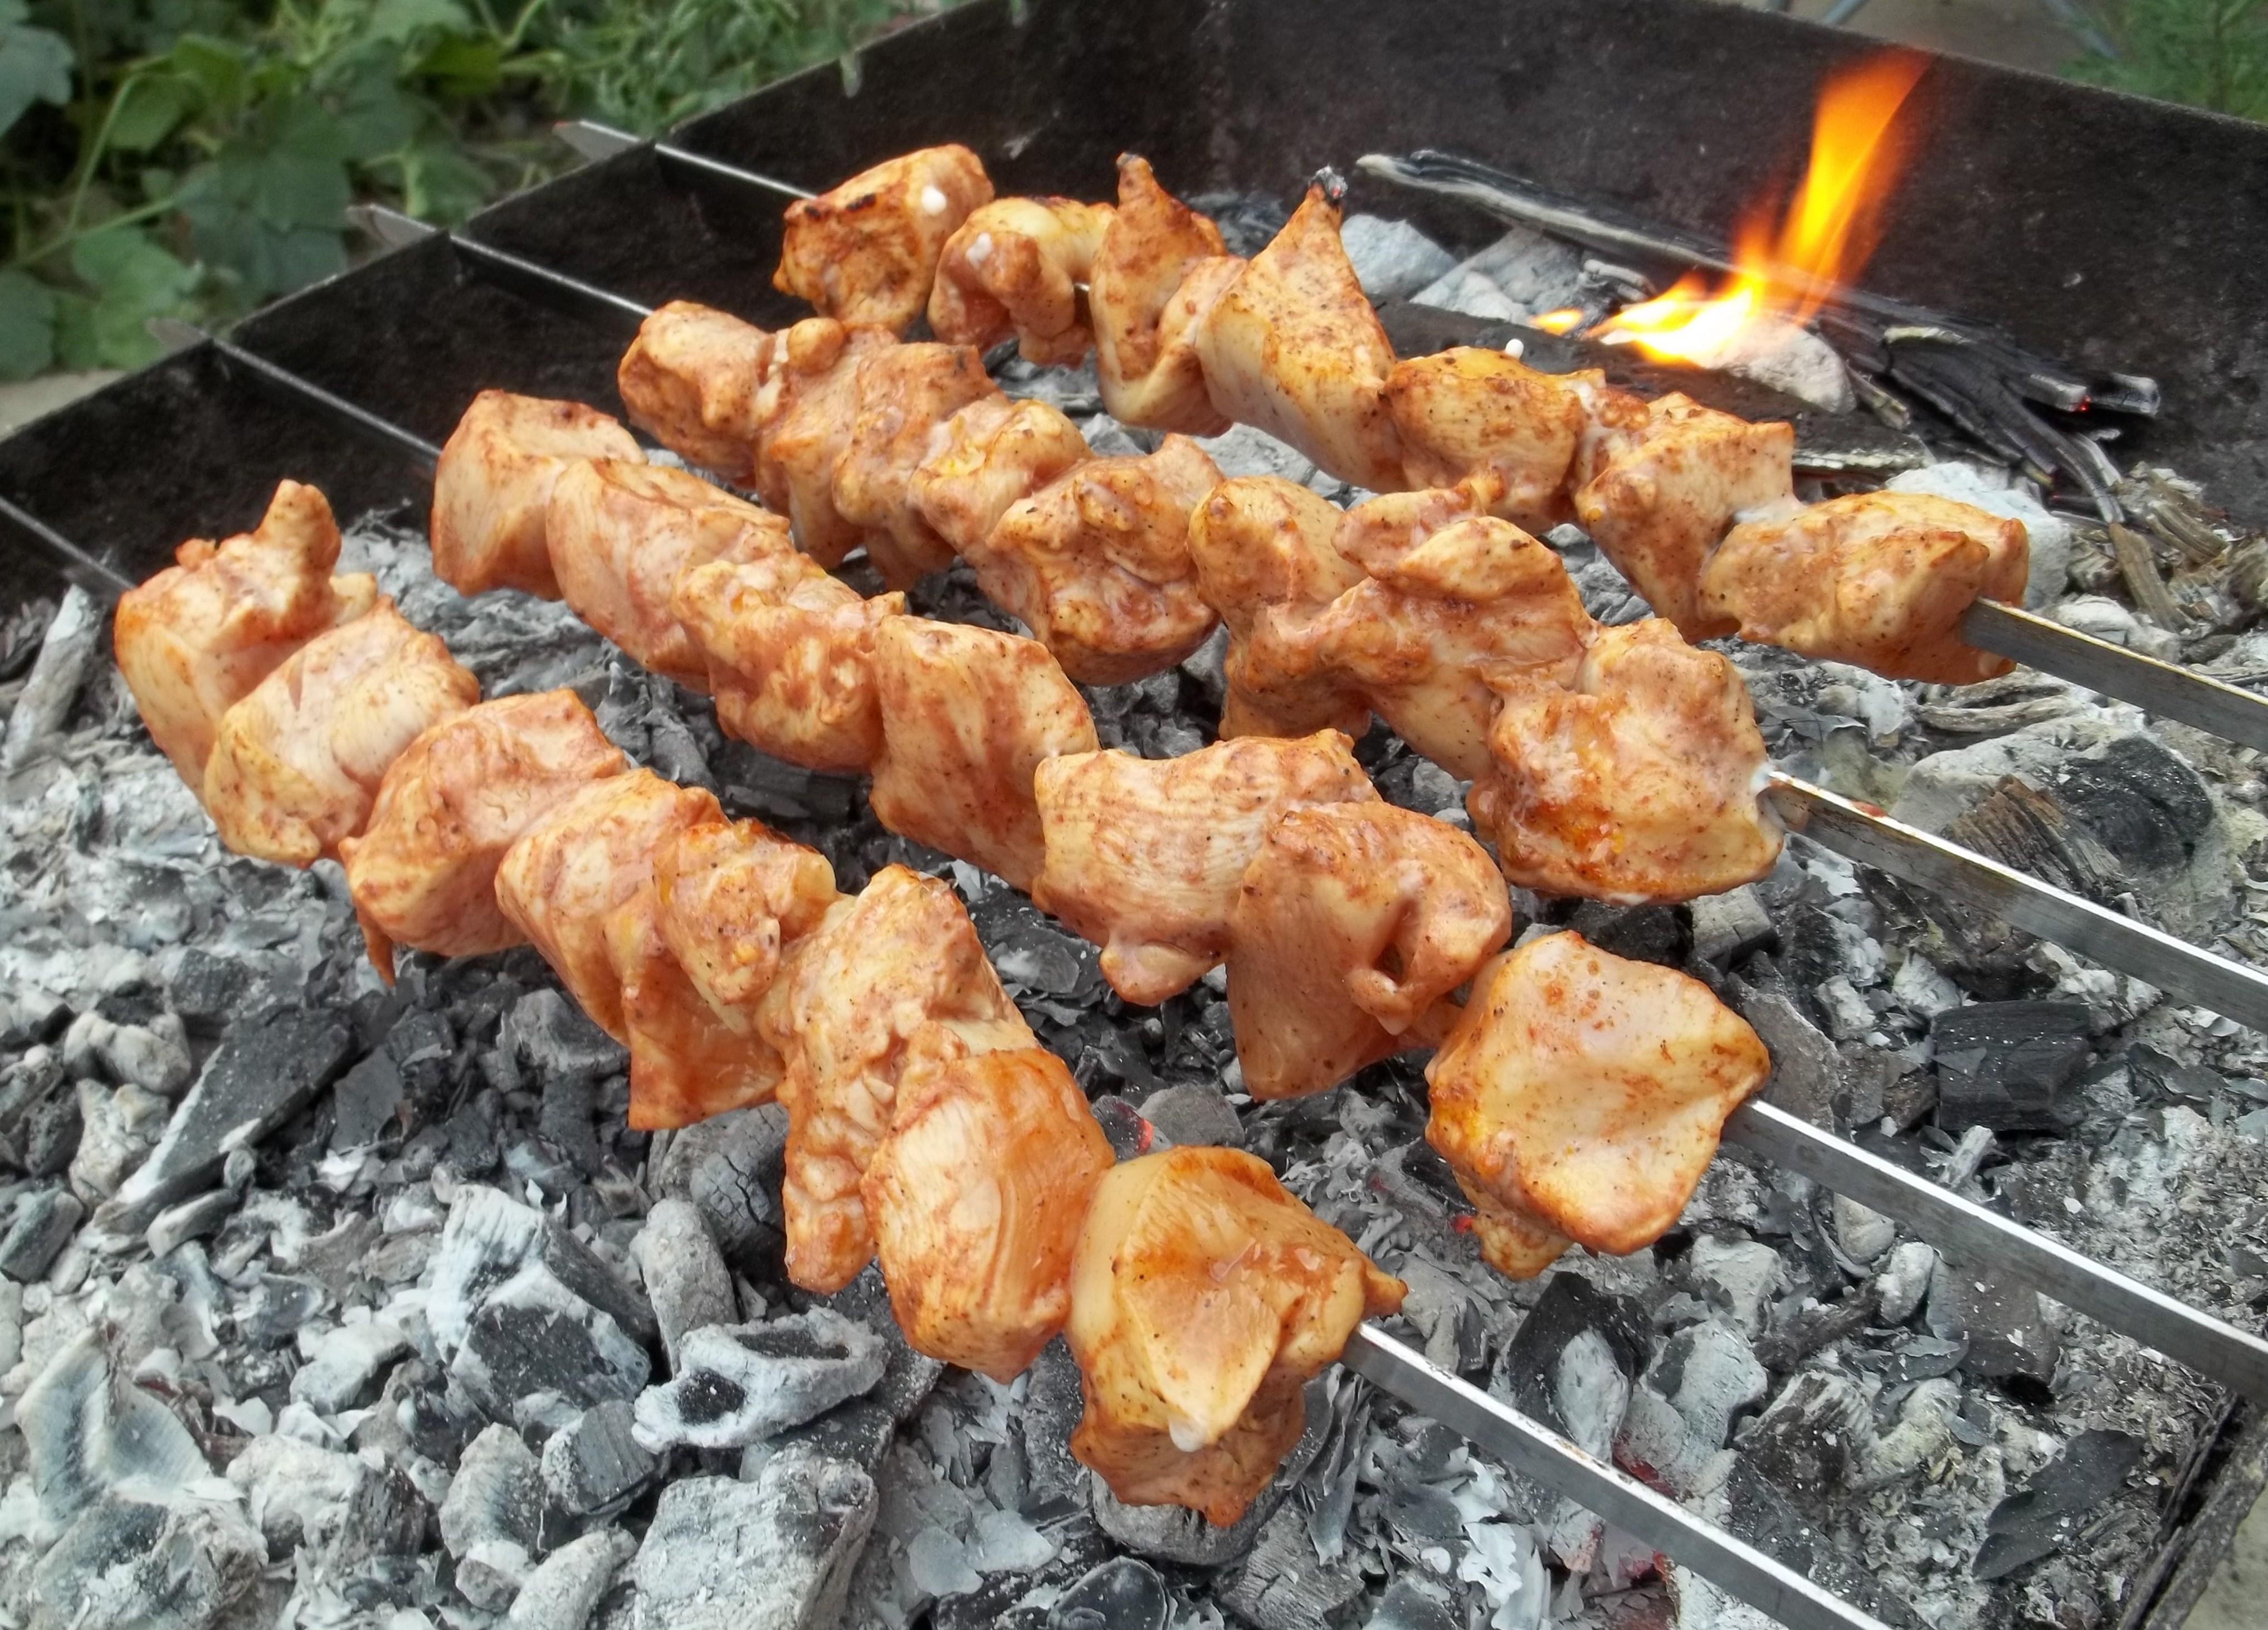 ... barbecue is called a makhali in georgian georgian მაყალი